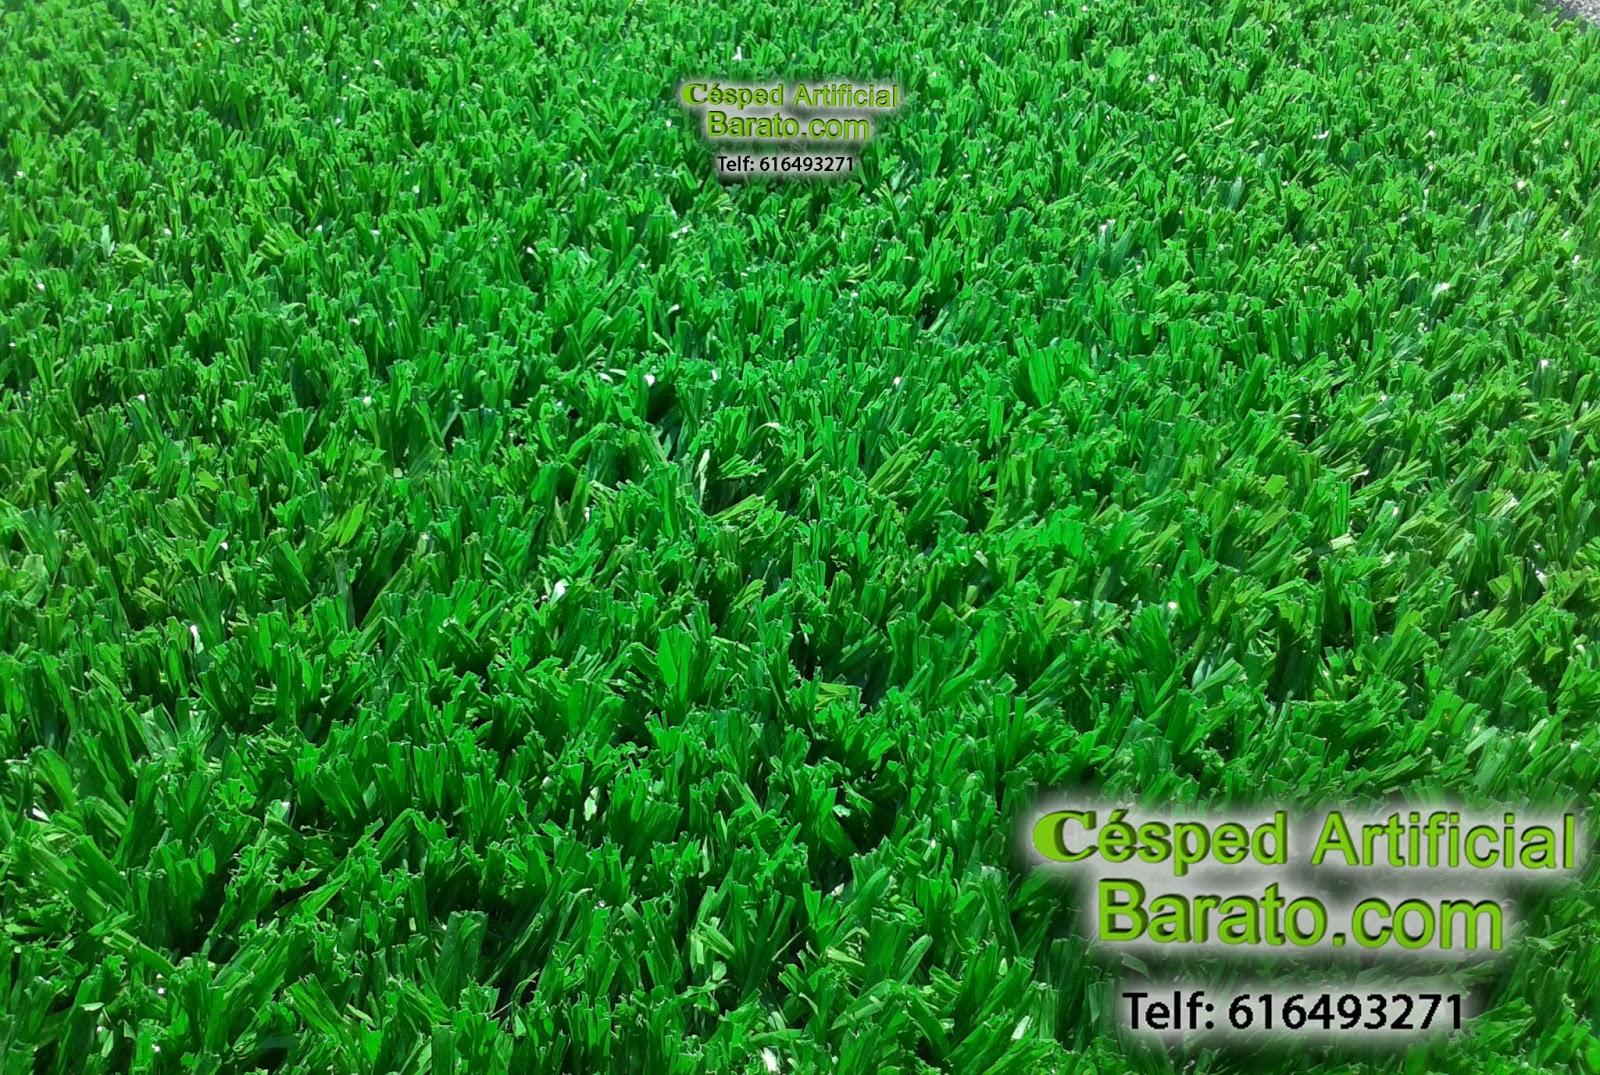 Cesped artificial terrazas cesped artificial barato para - Cesped artificial para jardin ...